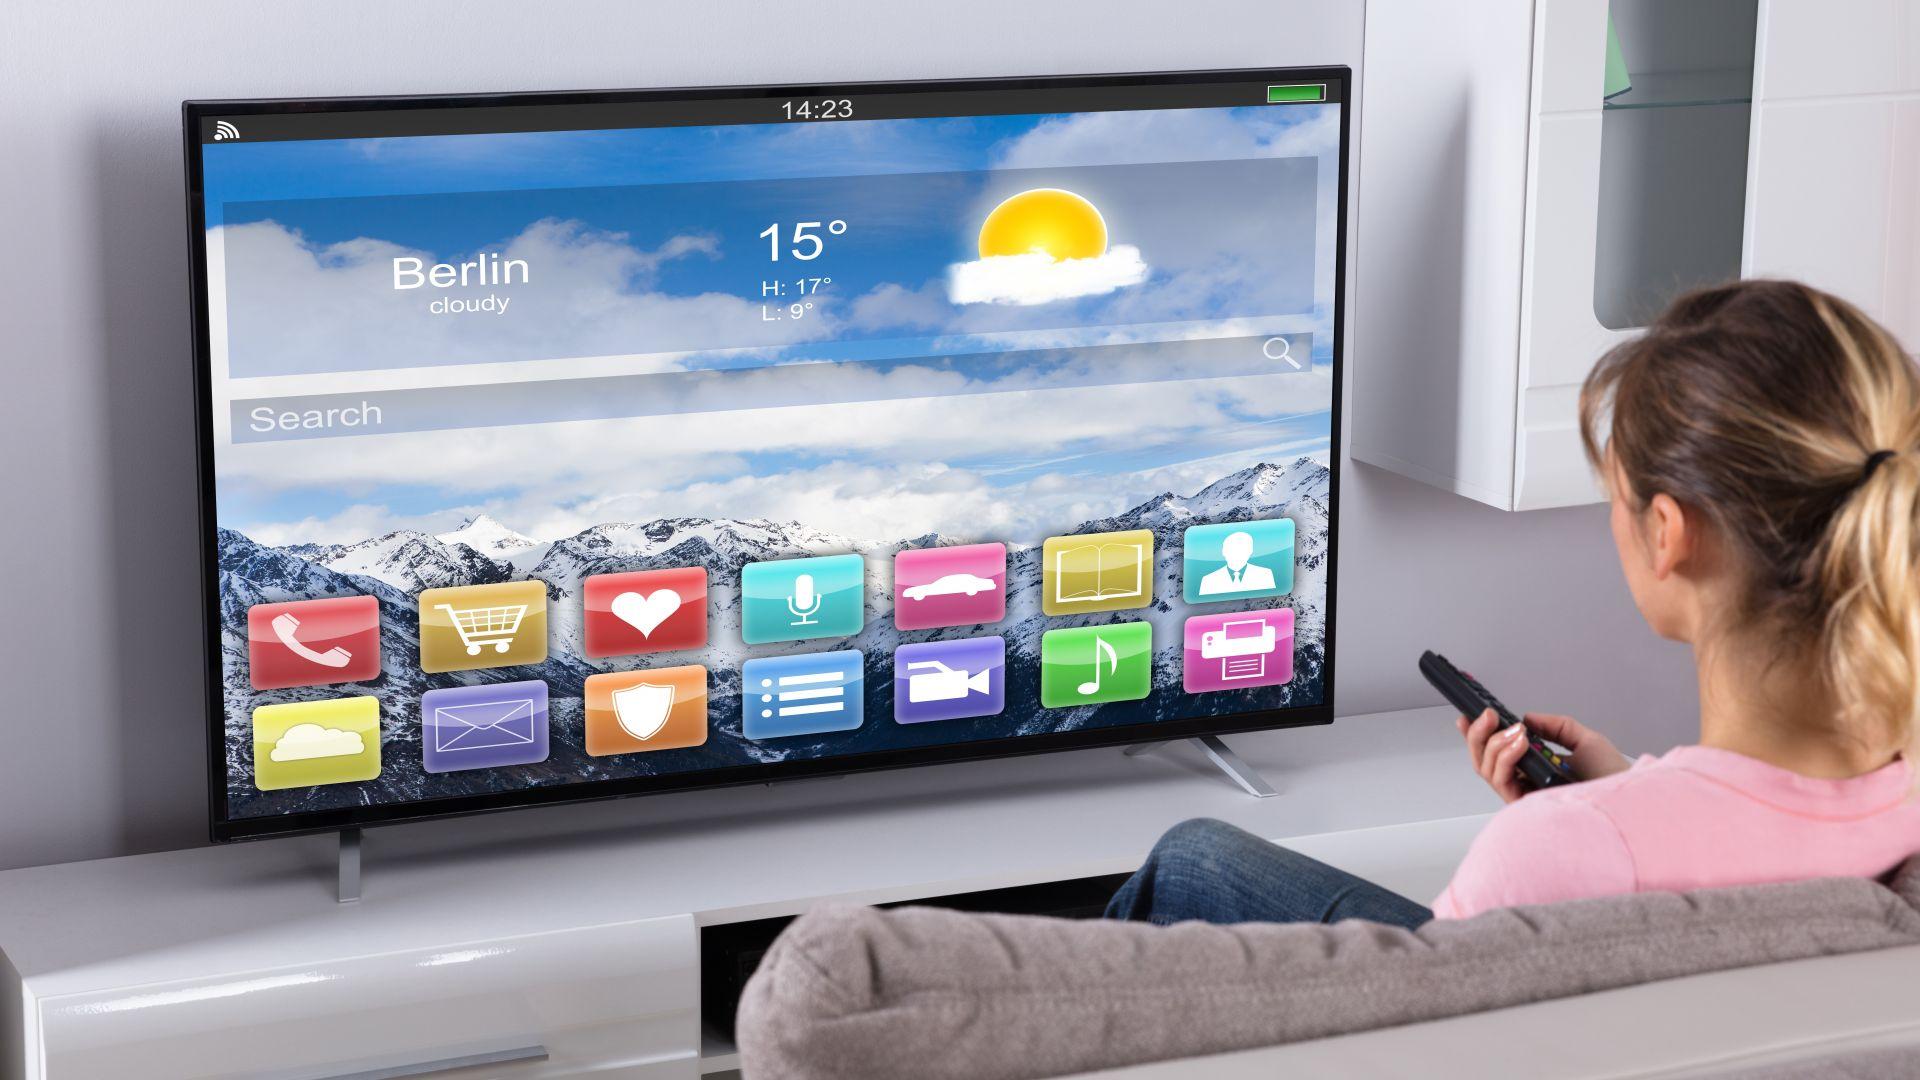 """Евростат: Само 4% от българите ползват """"умни"""" телевизори за Интернет, игри или пазаруване"""